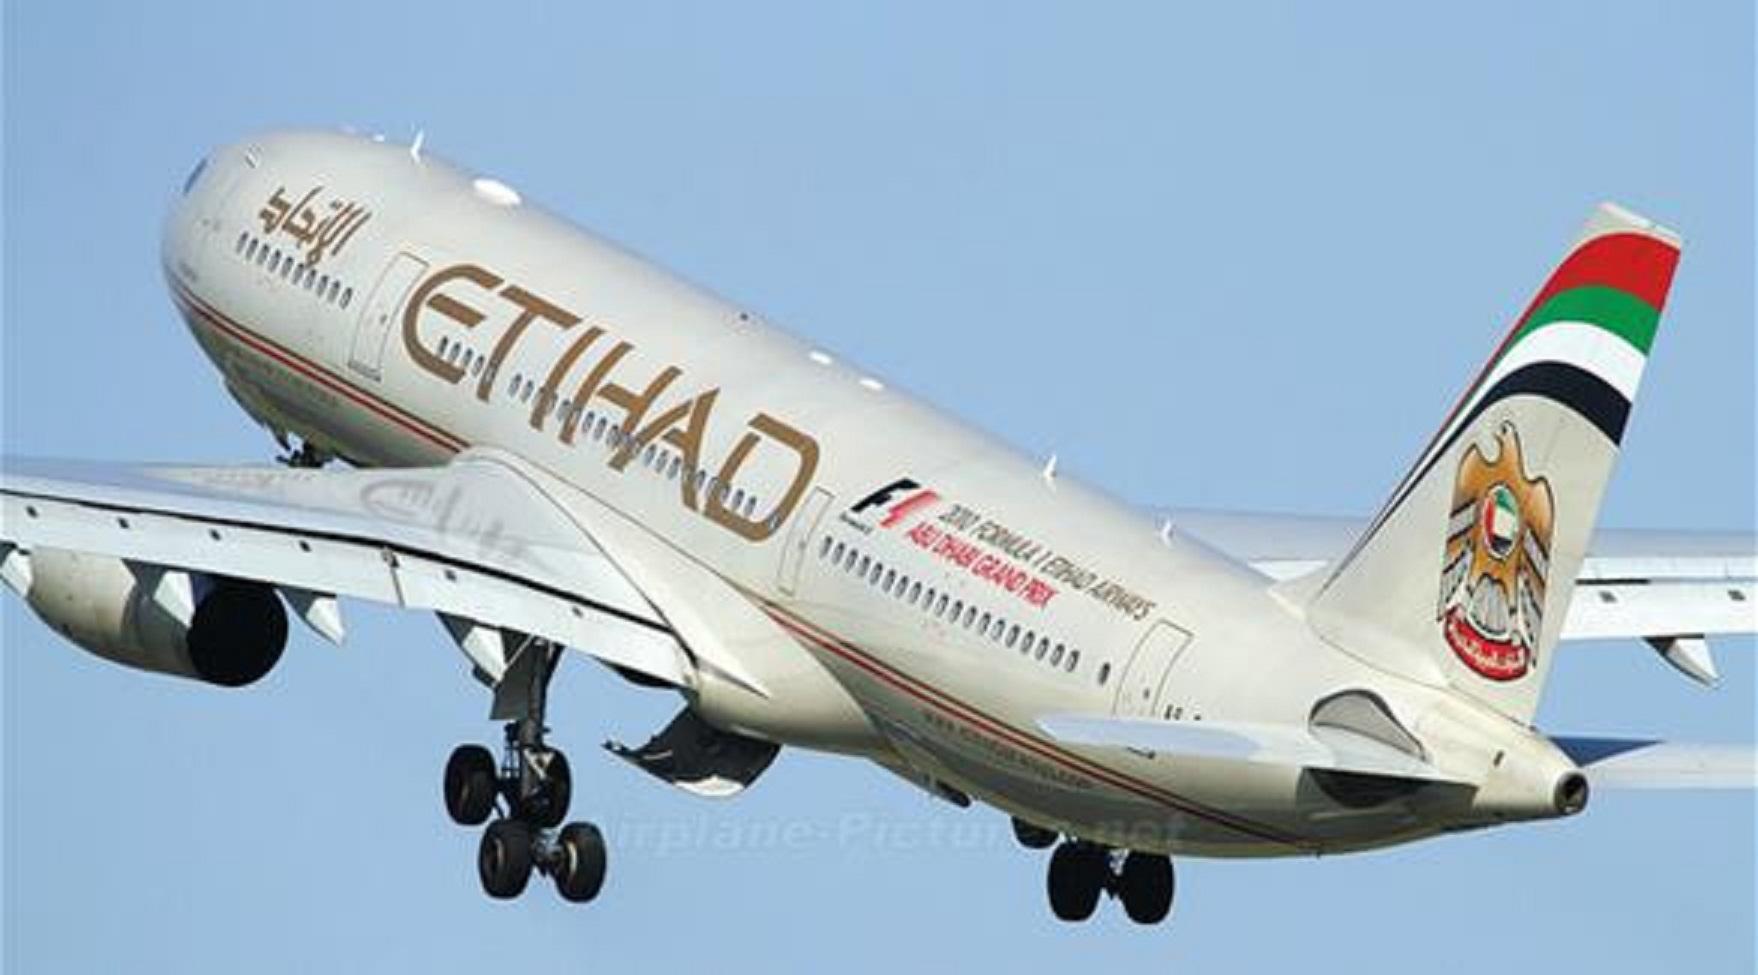 شراكة جديدة بين طيران الإتحاد و أحد مشاريع الكريبتو المتعلقة في مجال السفر والسياحة